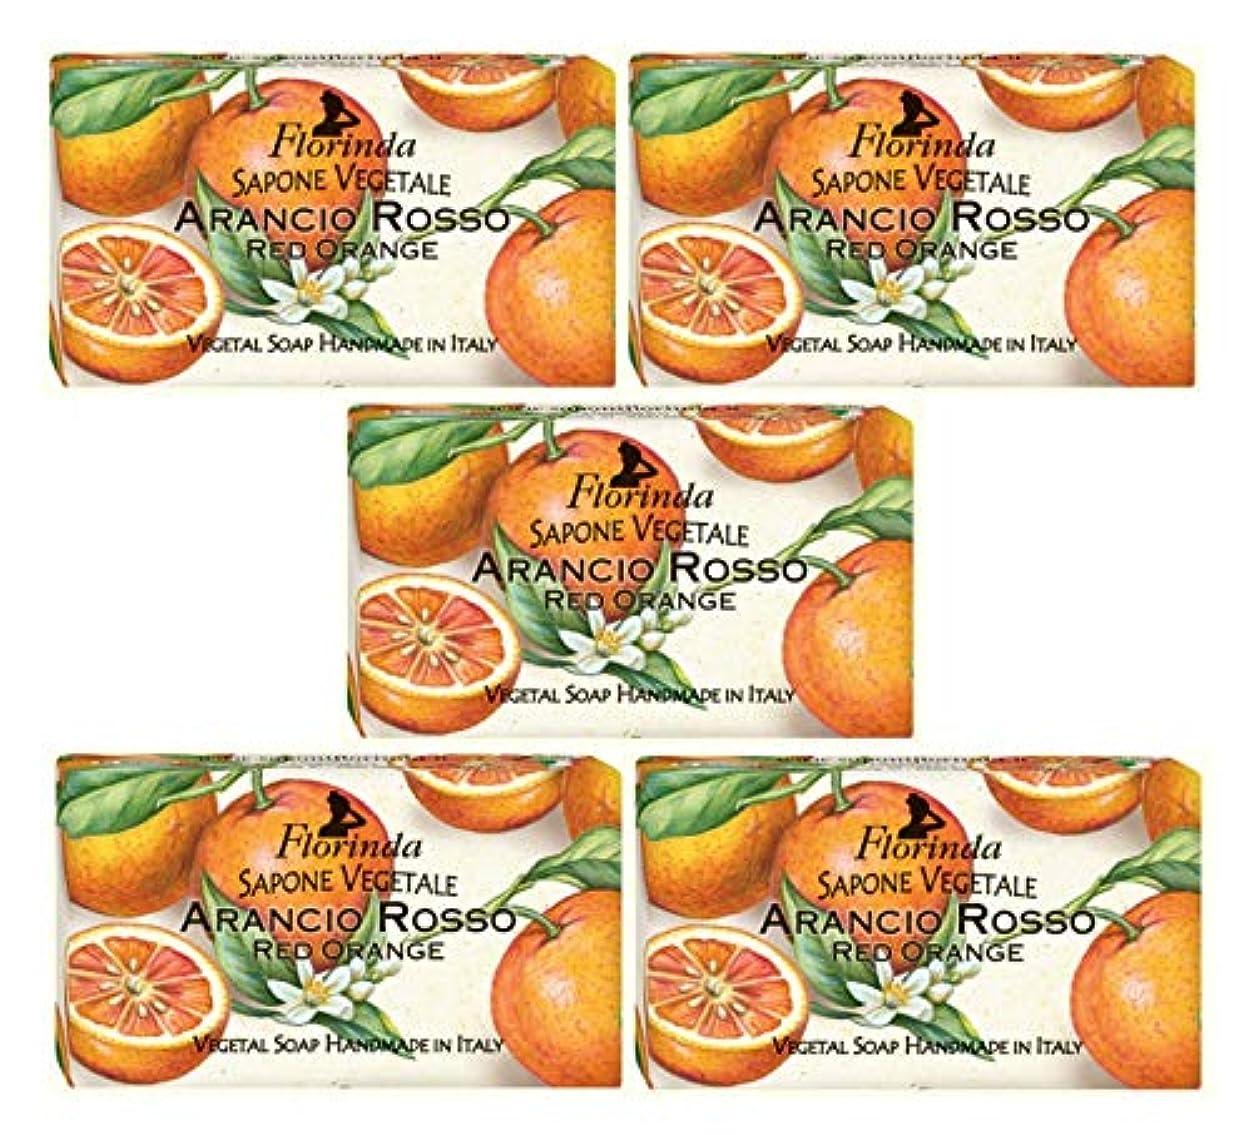 ボクシング子解放フロリンダ フレグランスソープ 固形石けん フルーツの香り レッドオレンジ 95g×5個セット